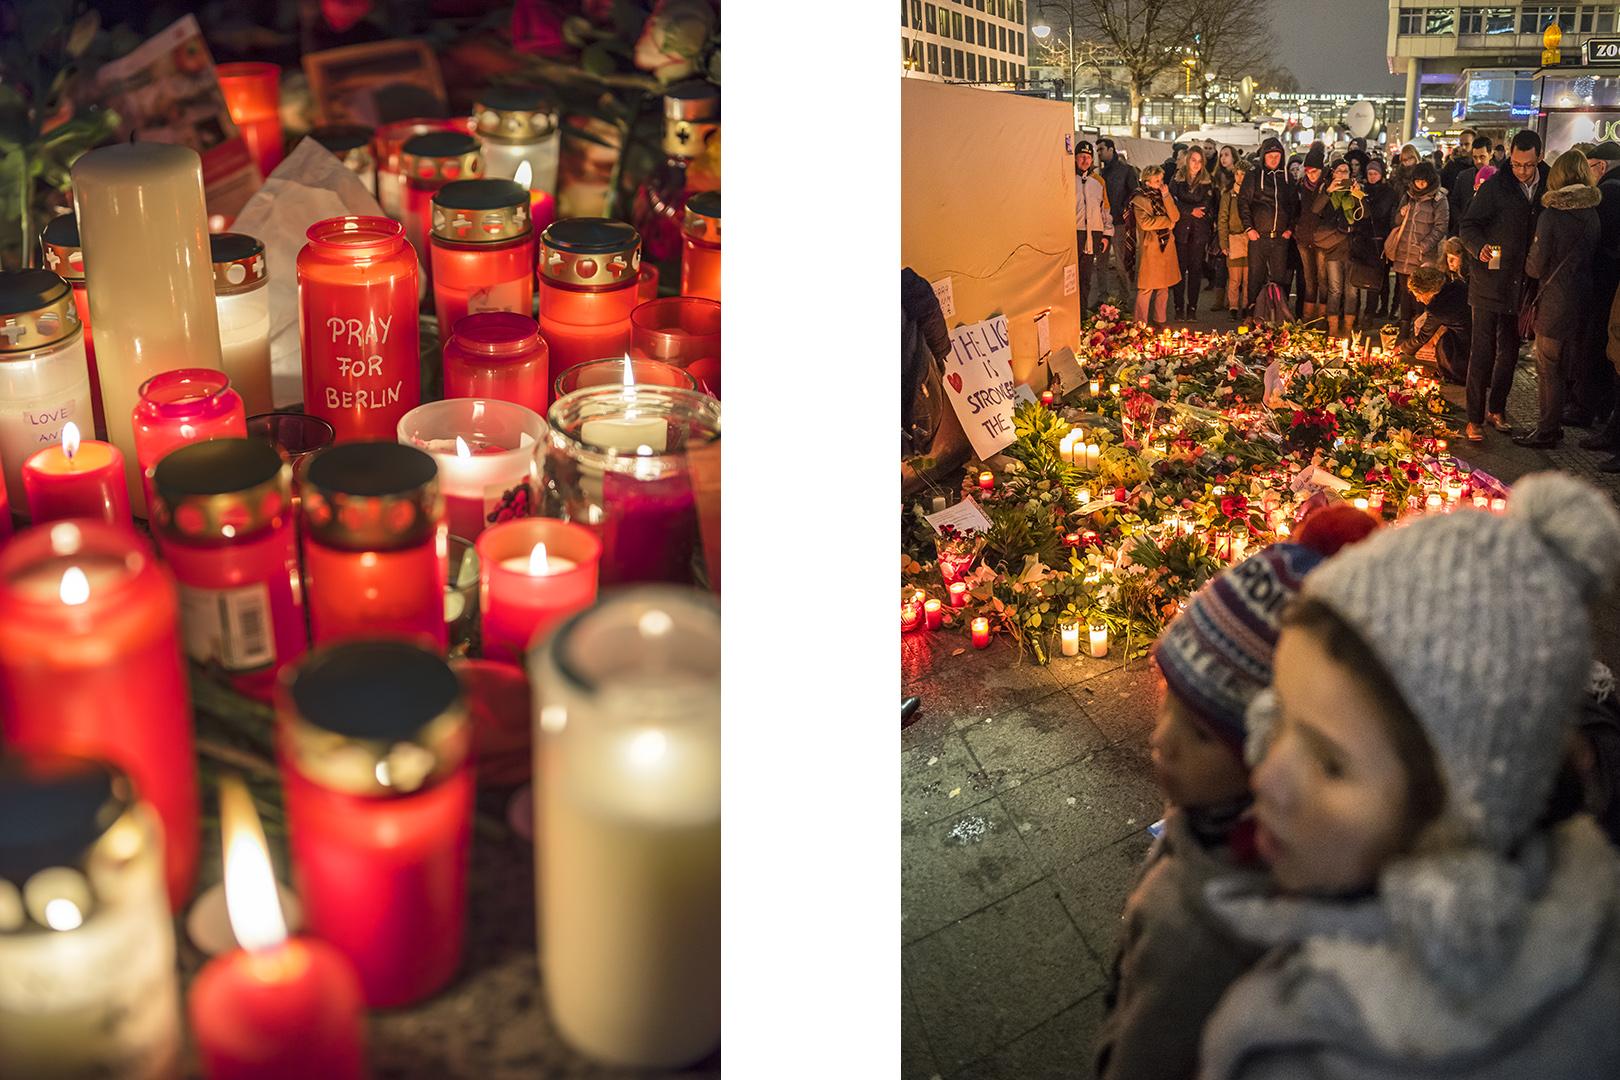 Kerzen und Blumen am Abend nach dem Terroranschlag auf dem Weihnachtsmarkt am Breitscheidplatz. Berlin Charlottenburg, 20.12.2016